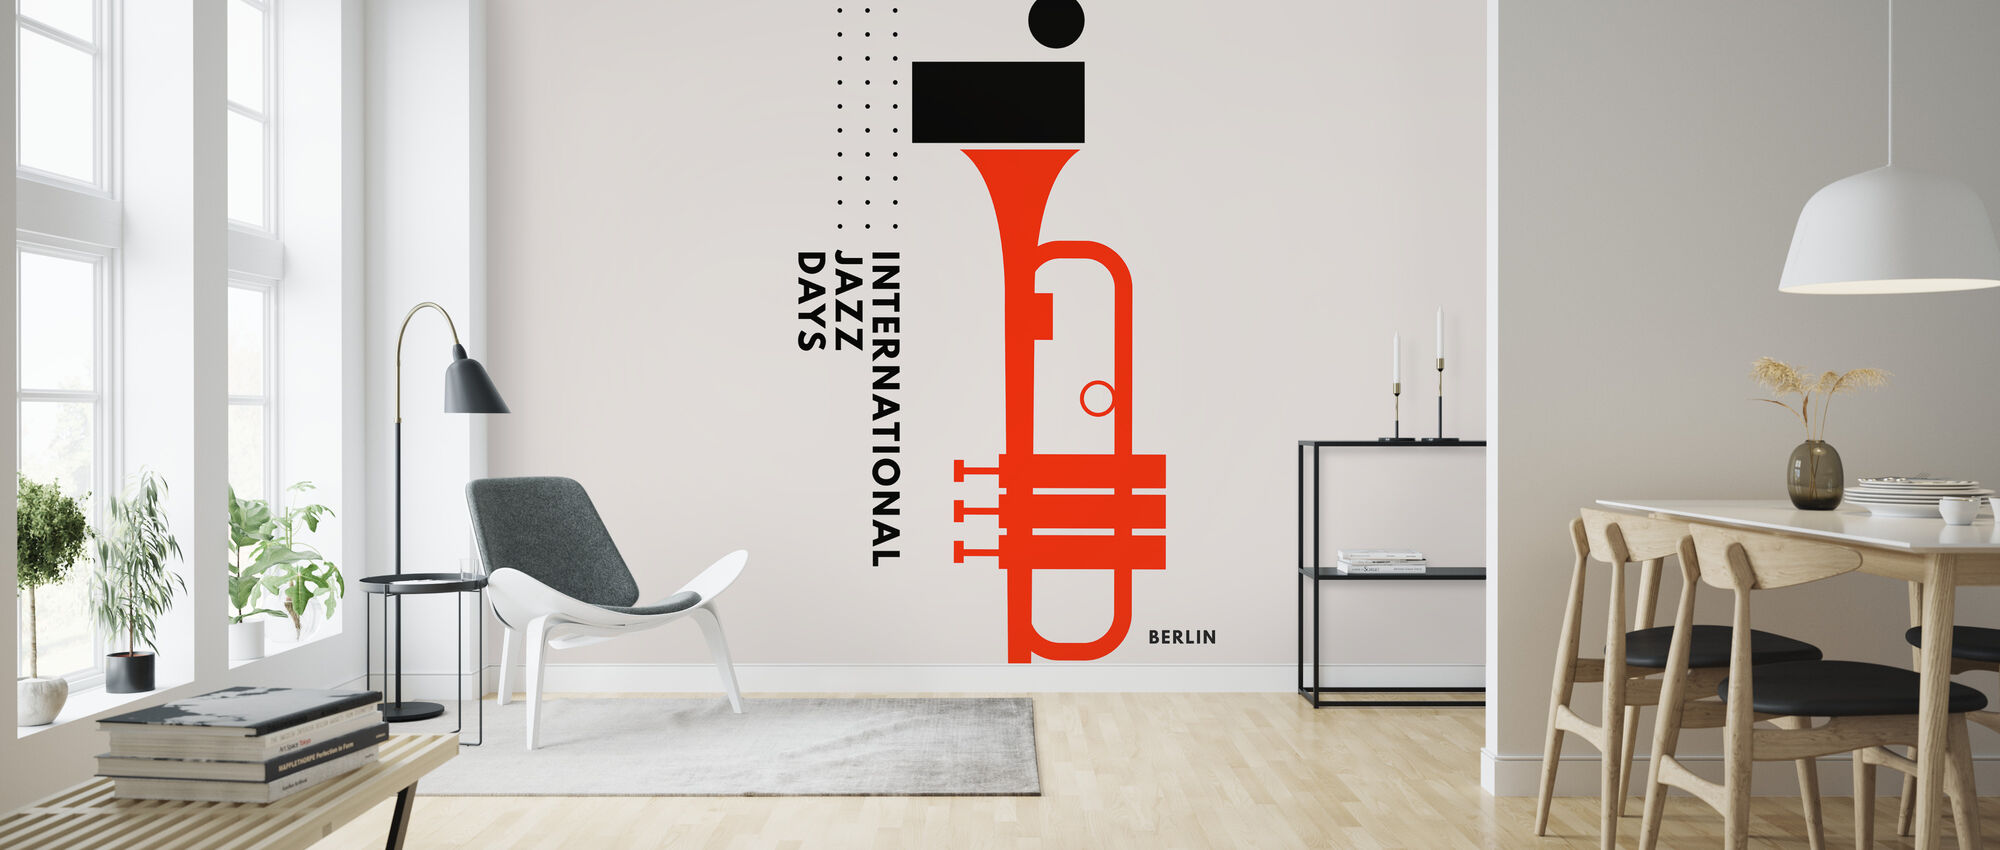 Jazz Päivät Berliini - Tapetti - Olohuone